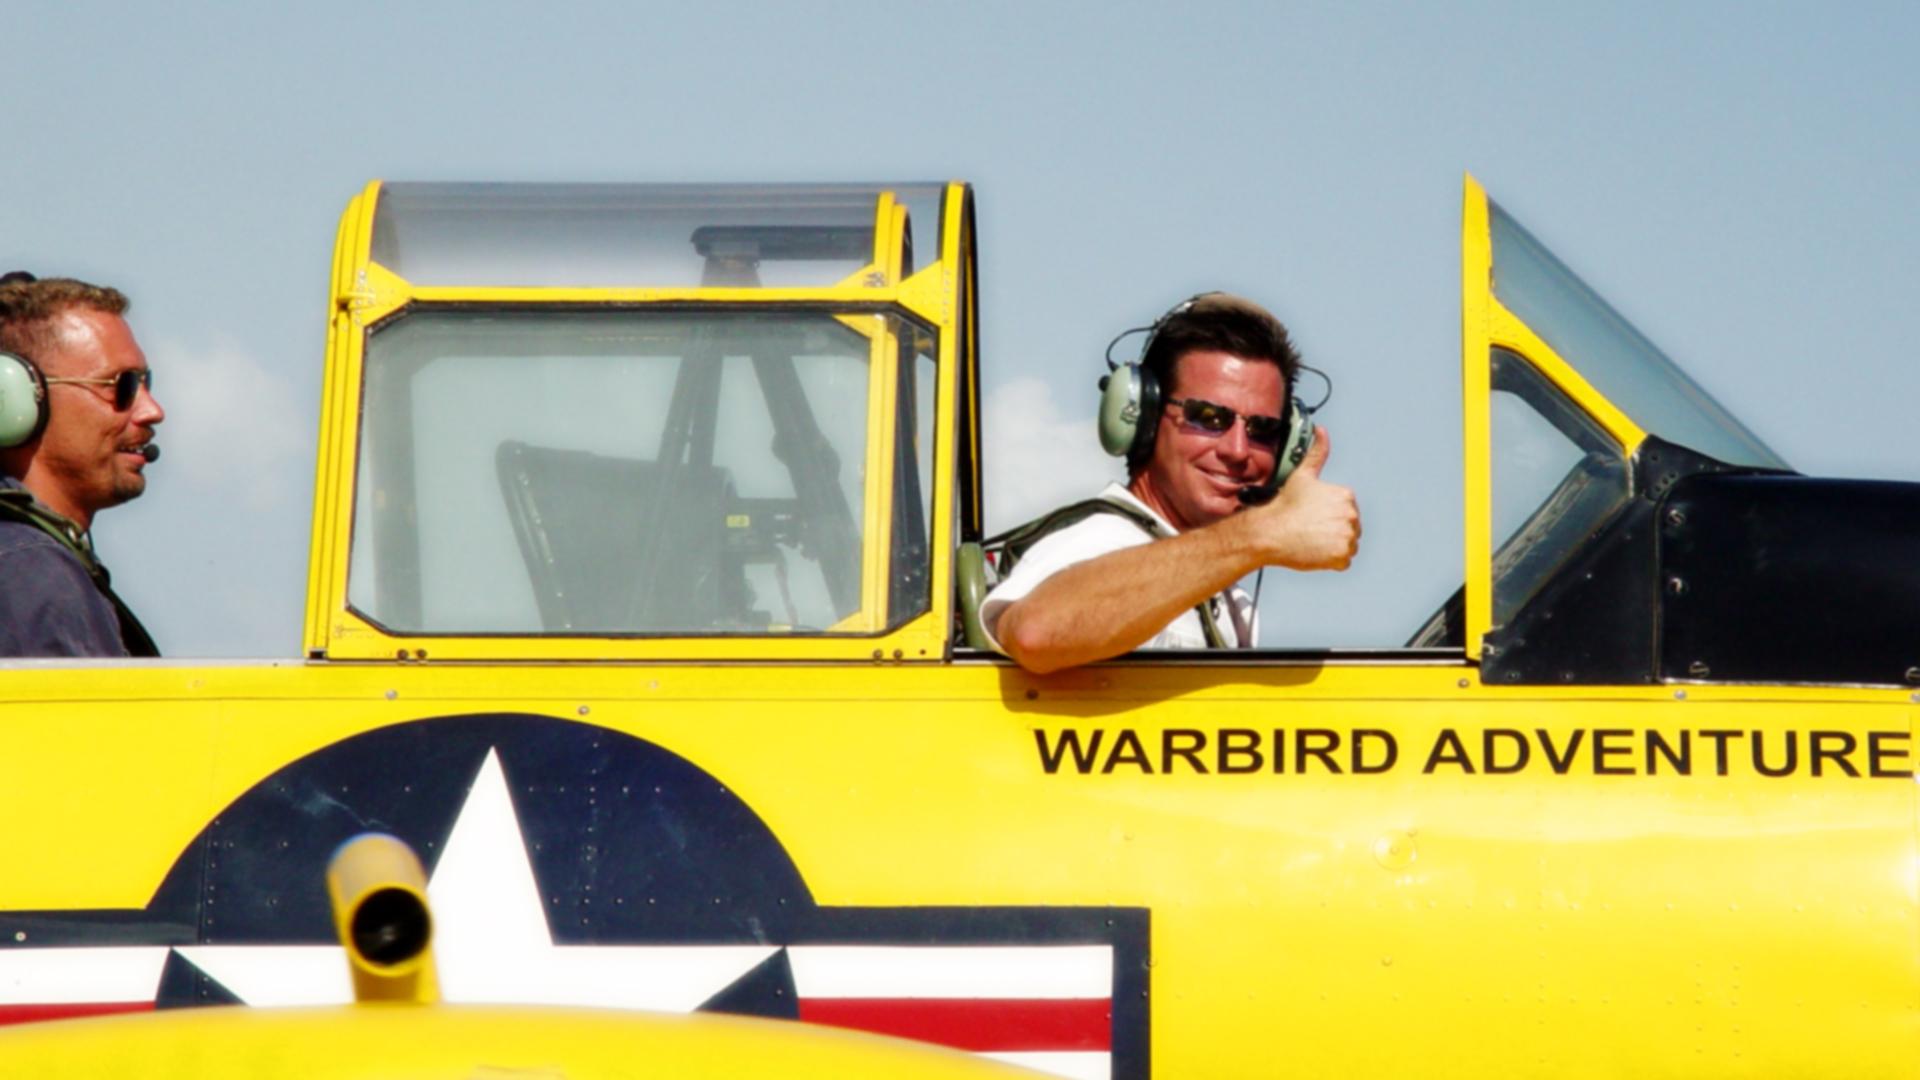 warbird.jpg